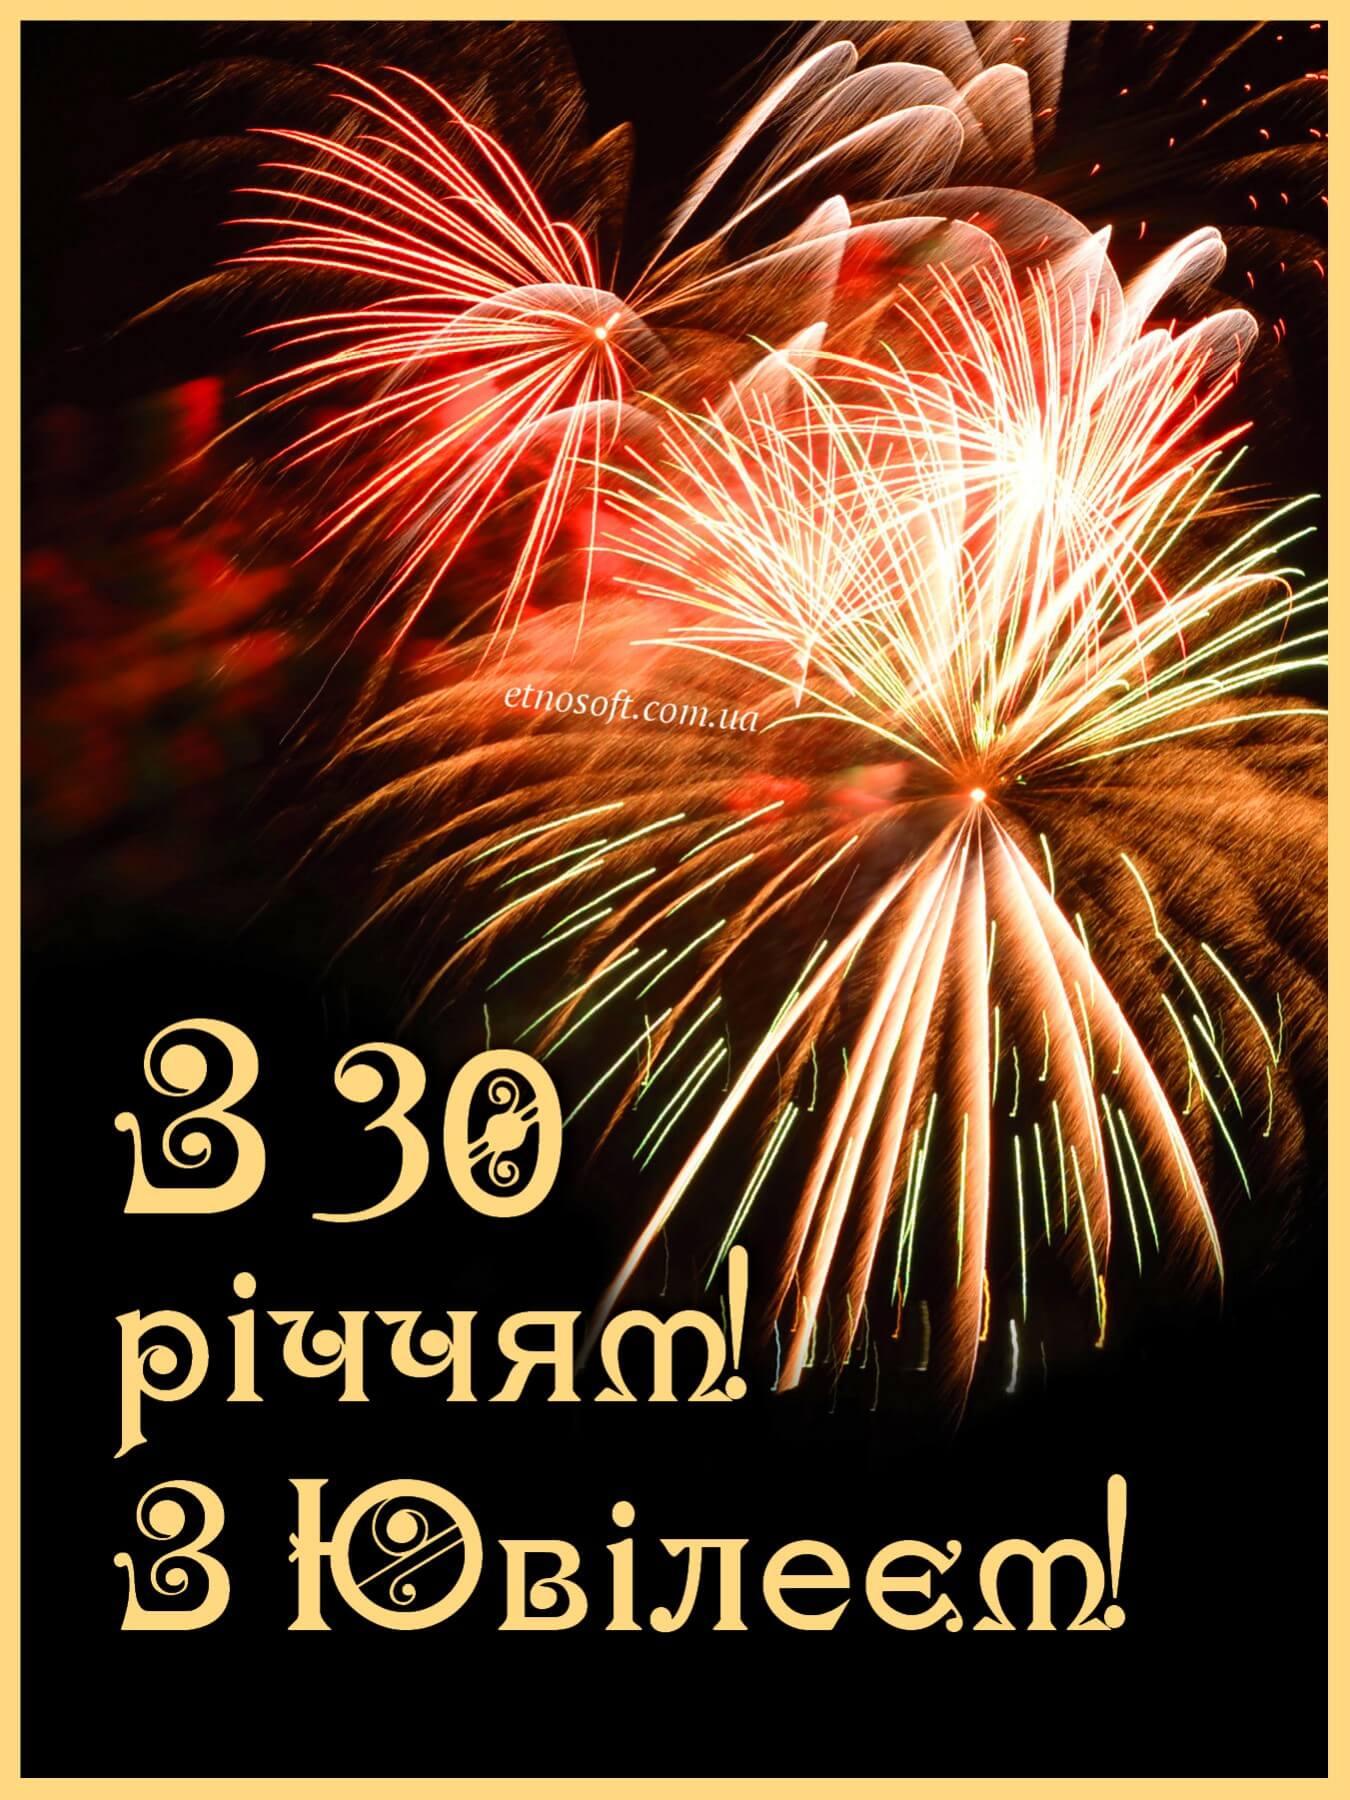 Краща вітальна листівка з Ювілеєм 30 років - привітання з Днем Народження на 30 річчя